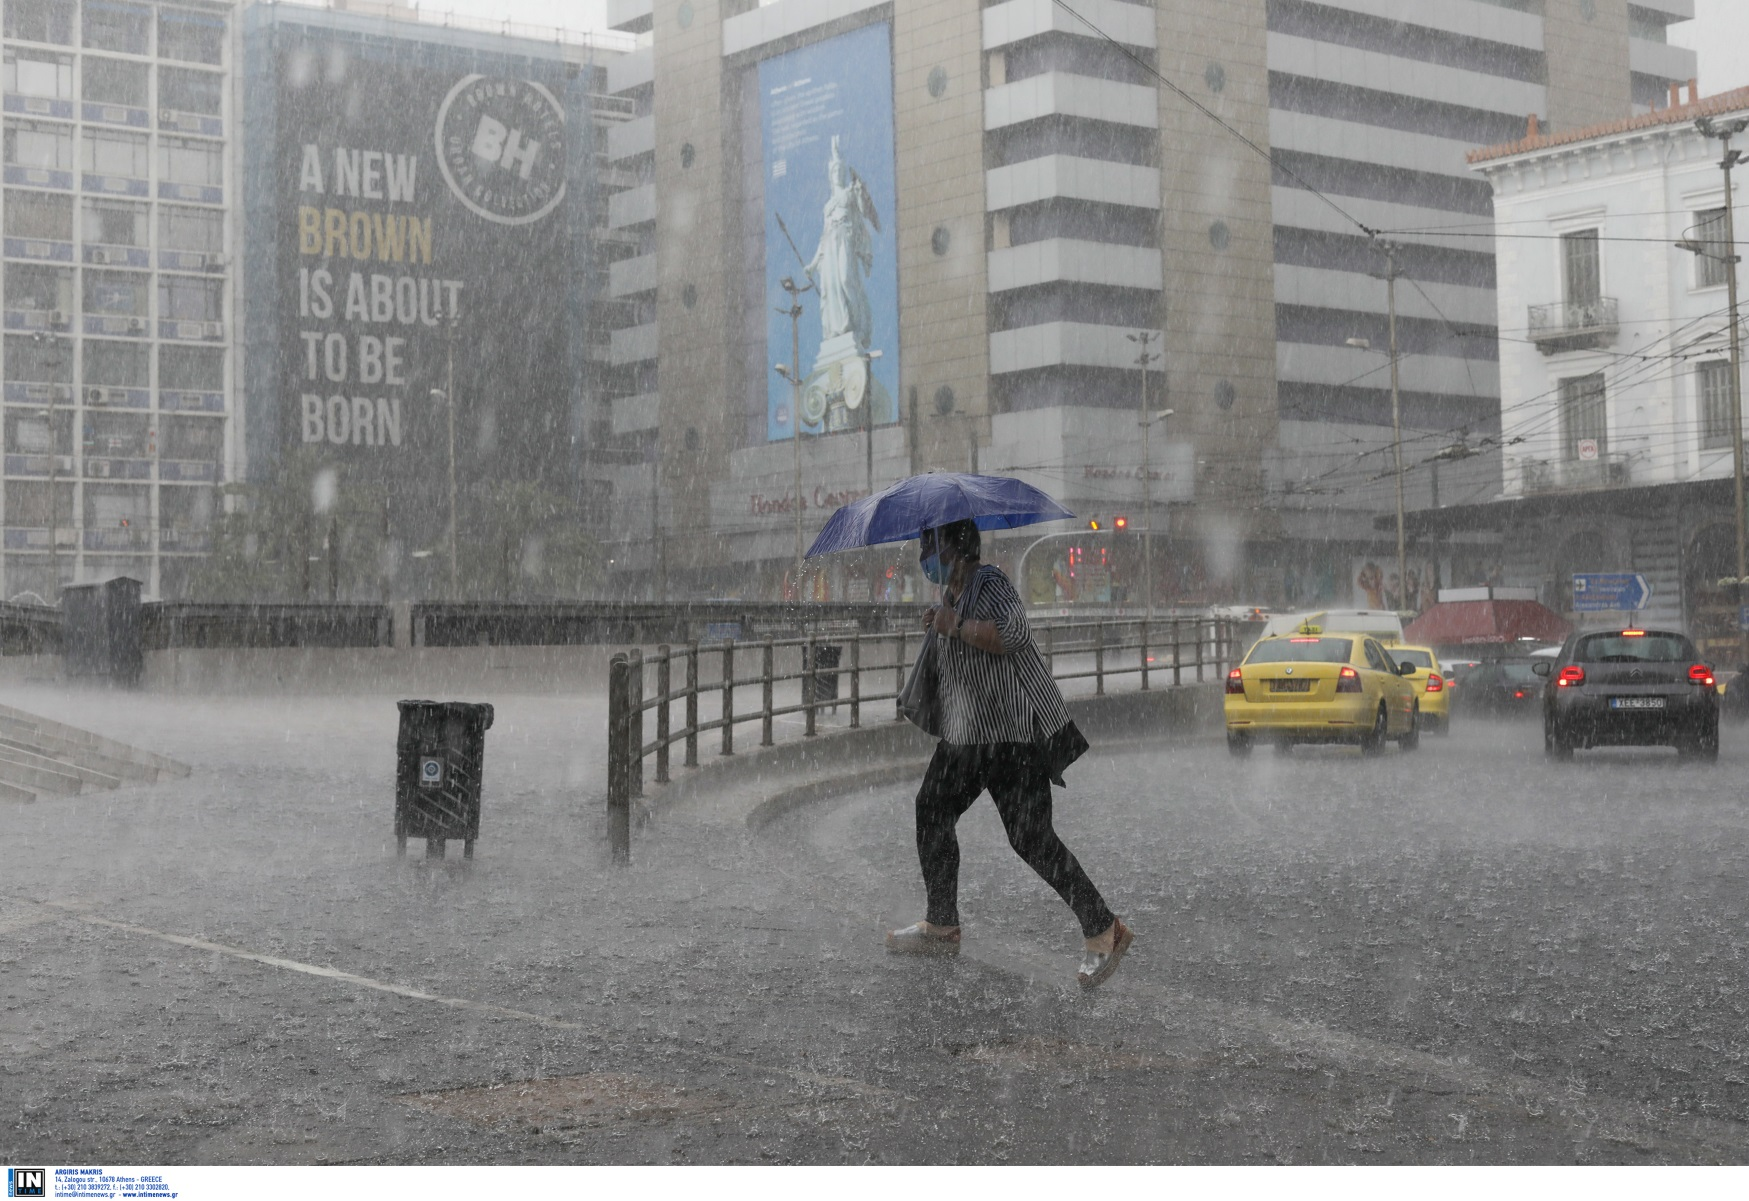 Καιρός σήμερα: Ο καύσωνας φεύγει και έρχονται βροχές και καταιγίδες